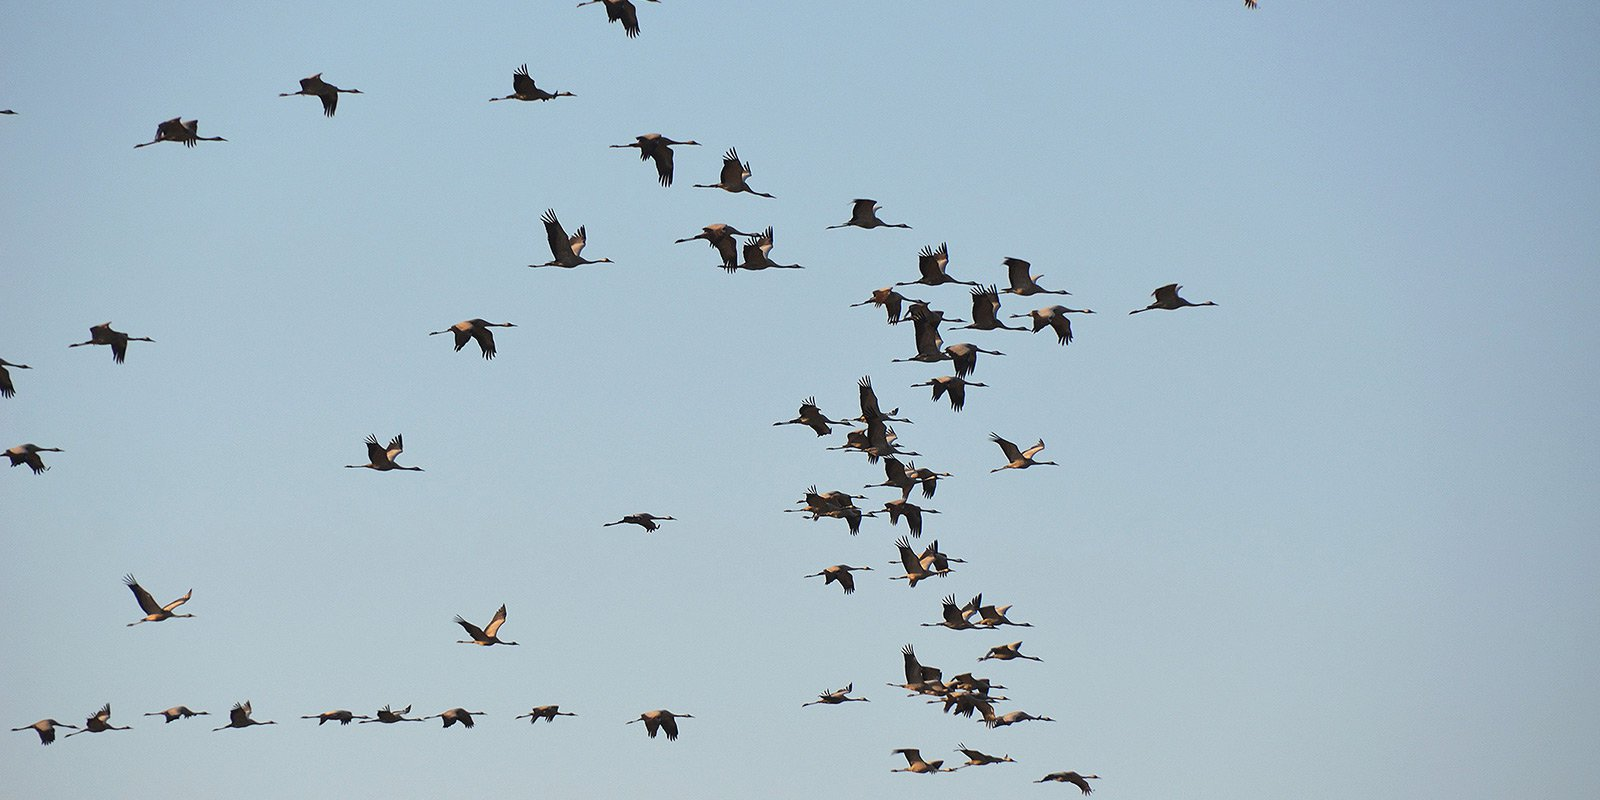 Вражають своєю різноманітністю птахи, які гніздяться на території Асканії-Новій або зупиняються тут під час сезонних міграцій: білі та чорні лебеді, фламінго, журавлі, дрохви, стрепети, сірі куріпки, степовий орел.